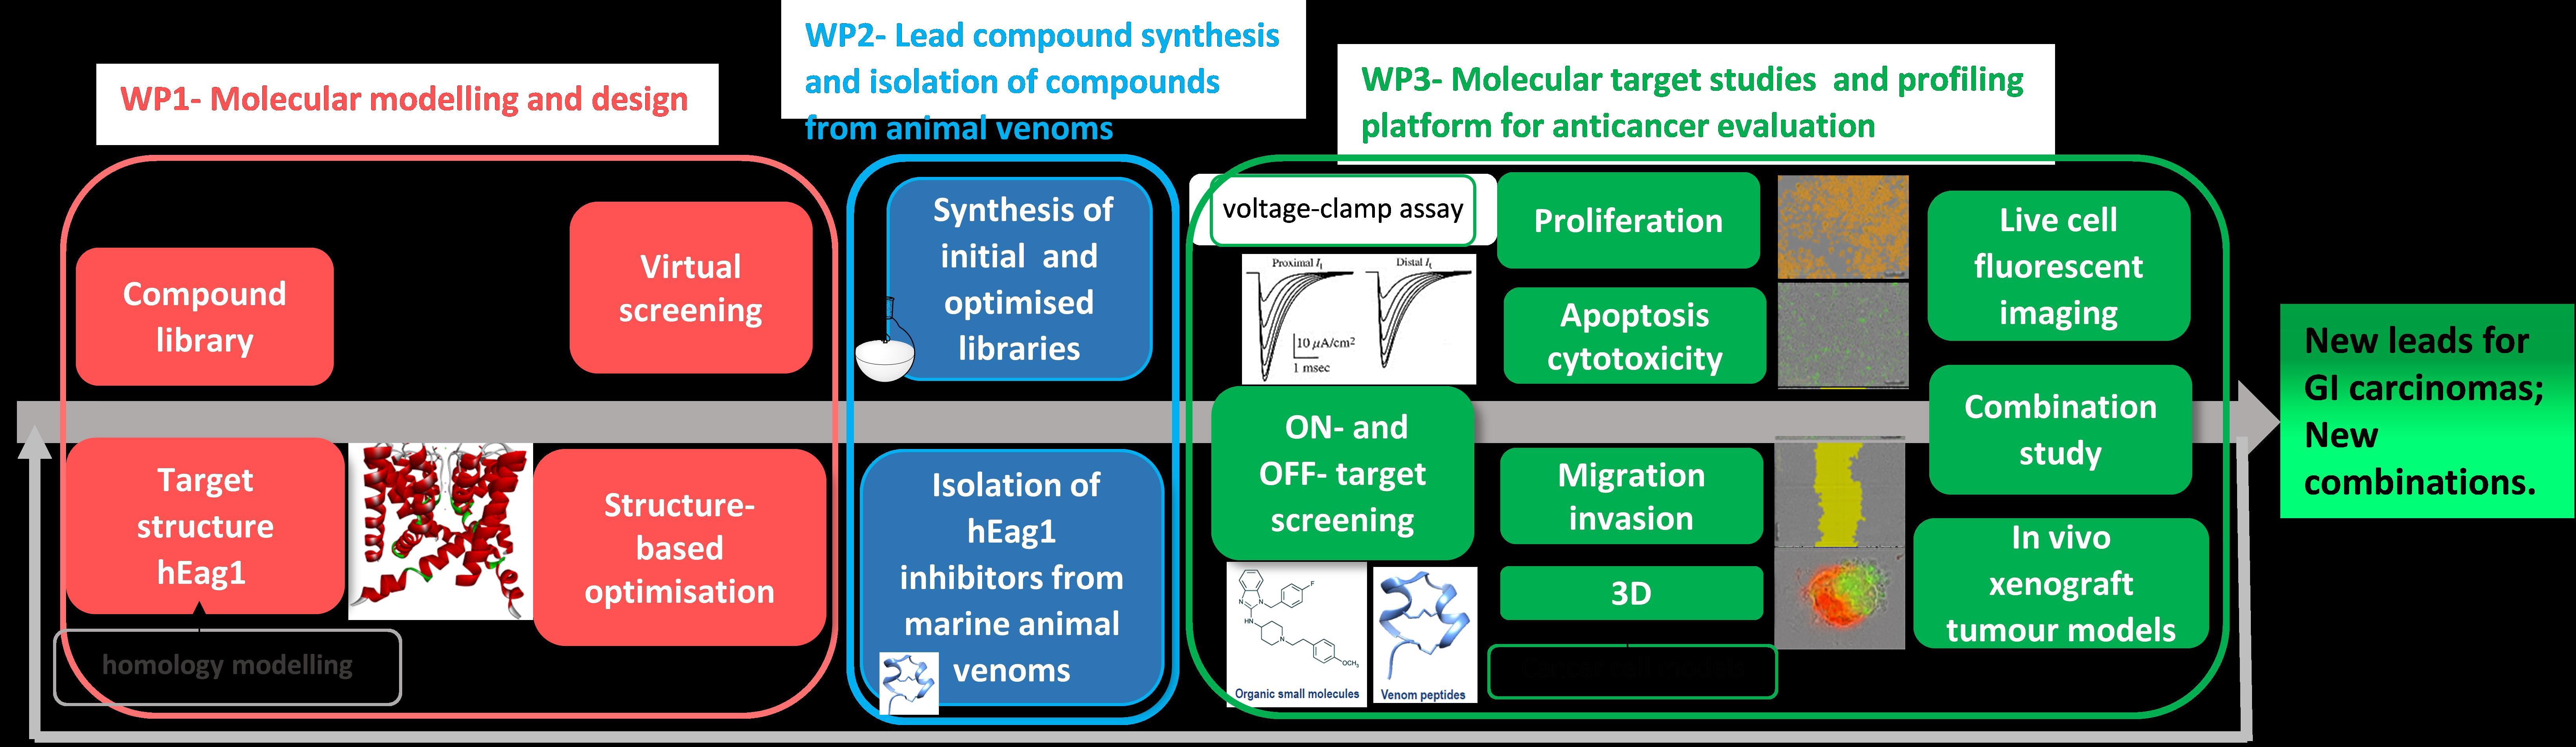 Odkrivanje in mehanizem delovanja novih spojin vodnic hEag1 kalijevih kanalov s protirakavim delovanjem faze